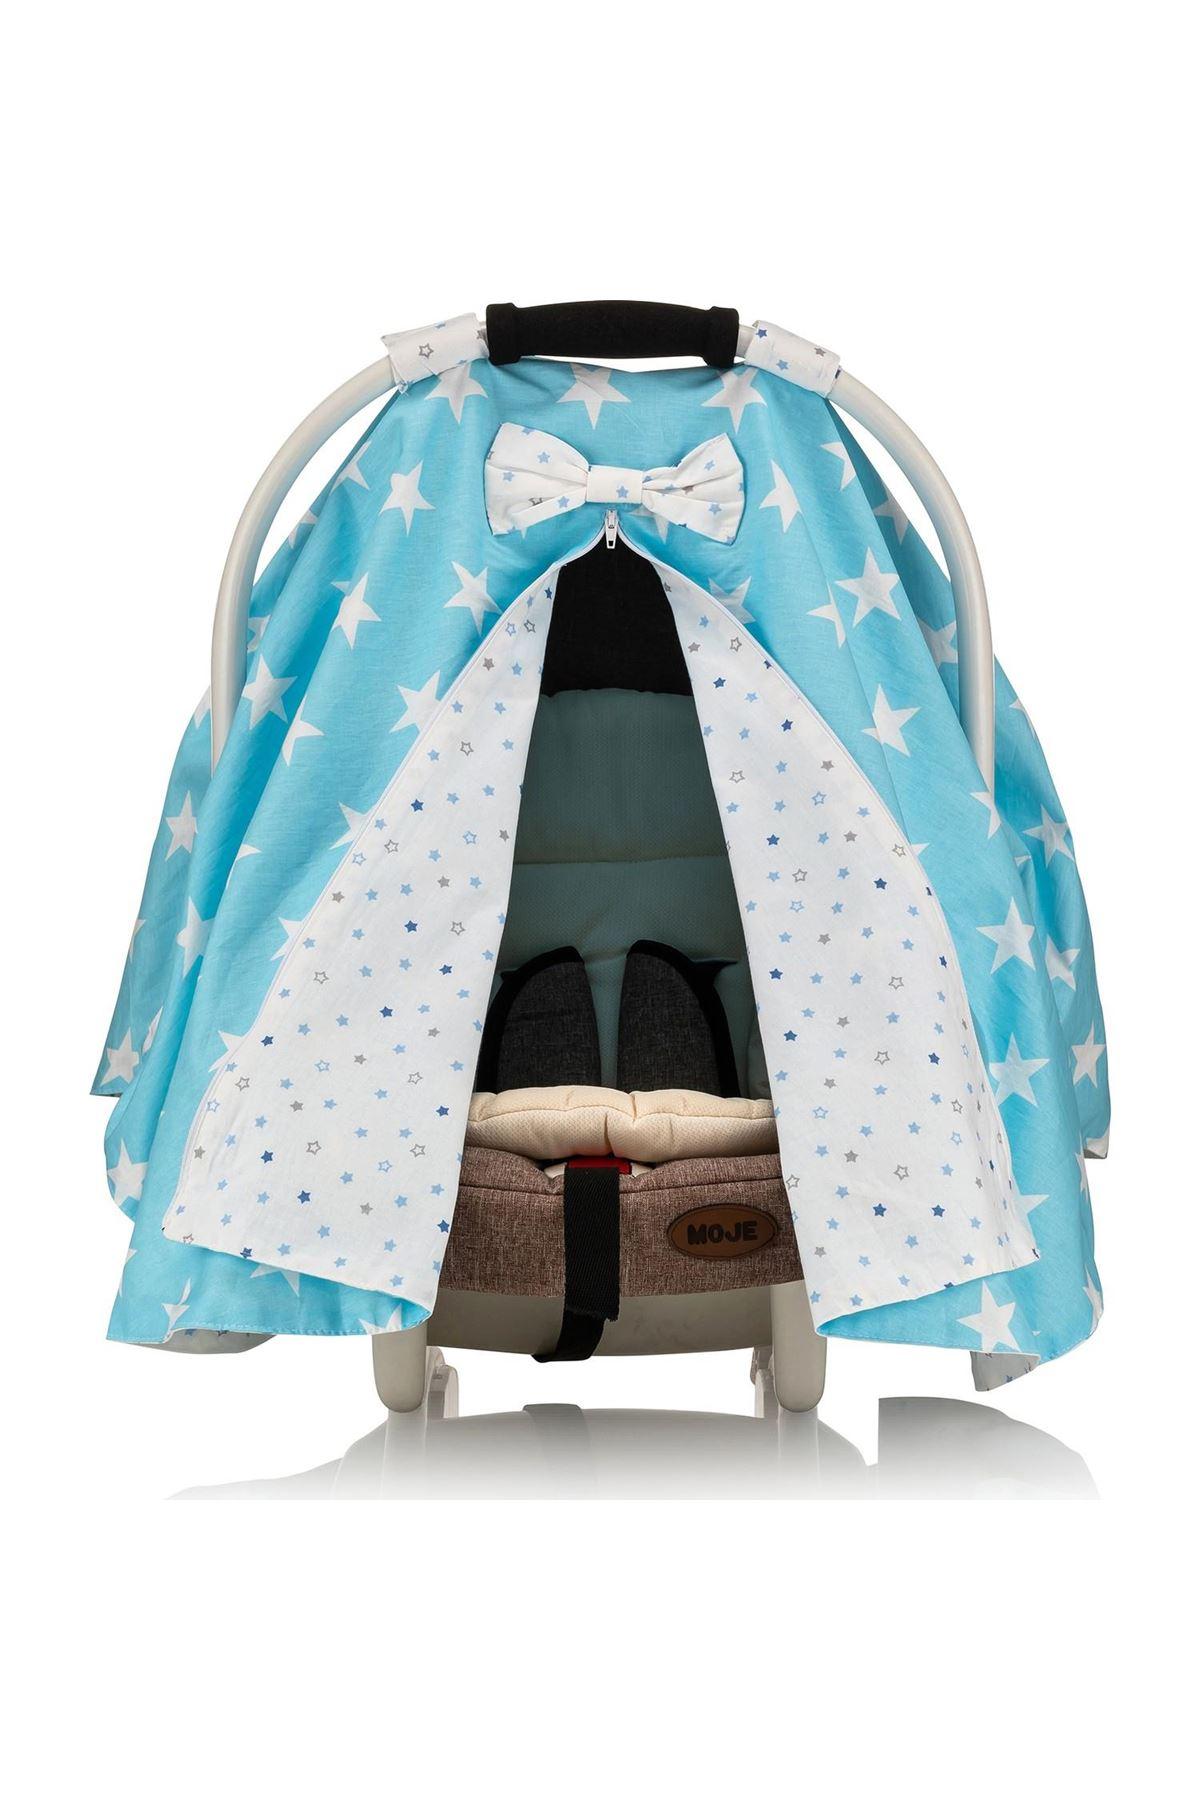 Moje Poplin Puset Bebek Arabası Örtüsü Mavi Yıldız Mavi Yıldız